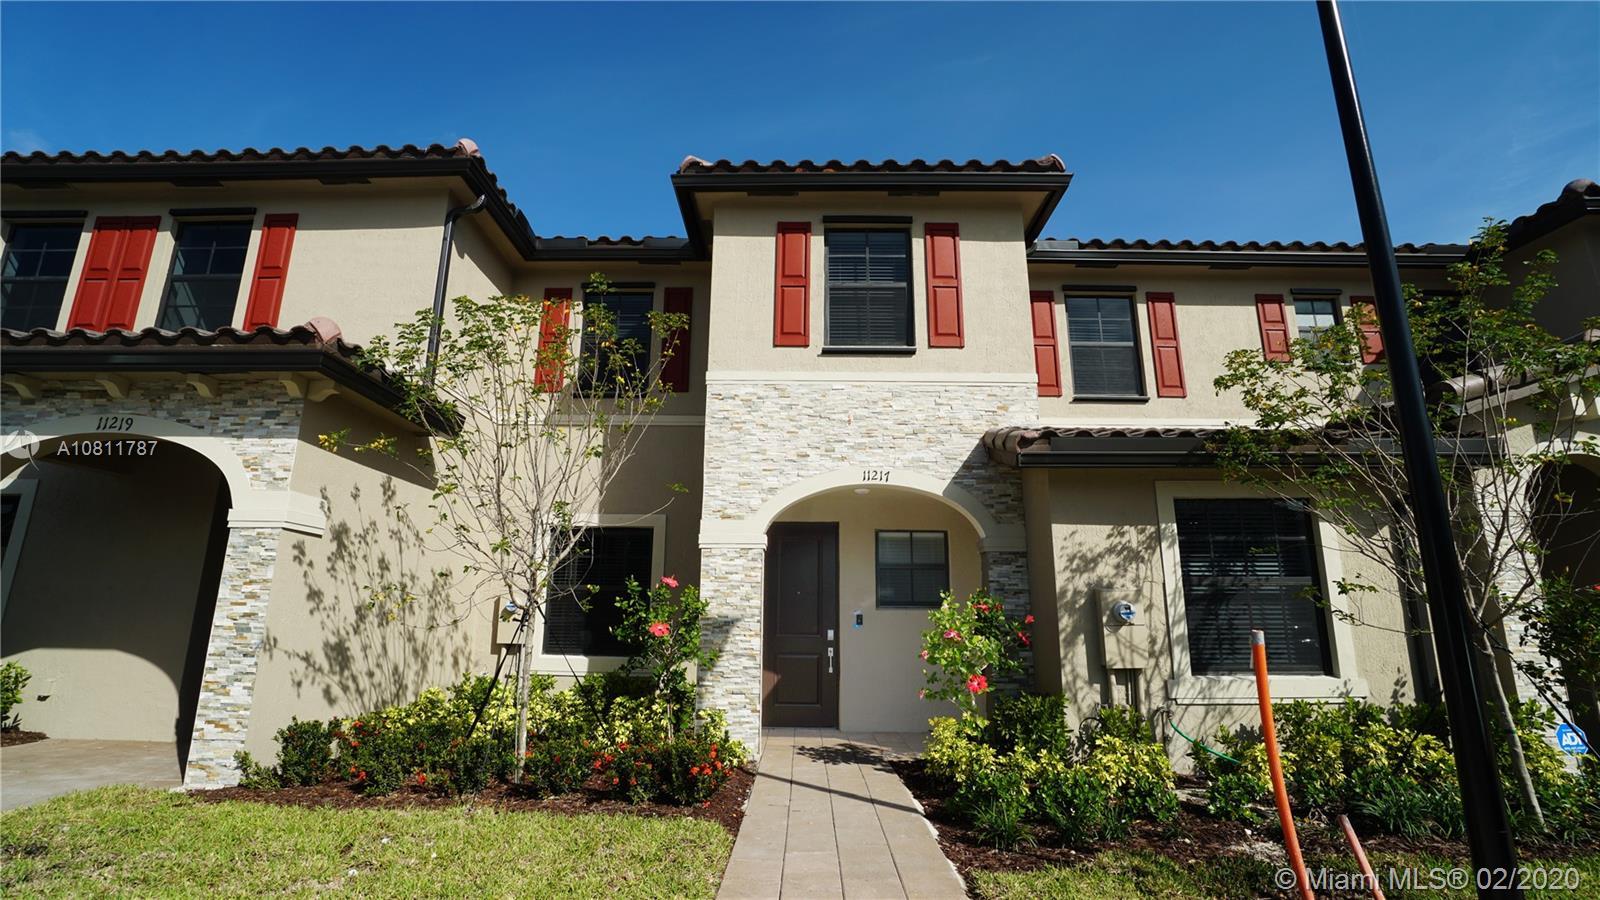 11217 SW 249th St, Miami, FL 33032 - Miami, FL real estate listing